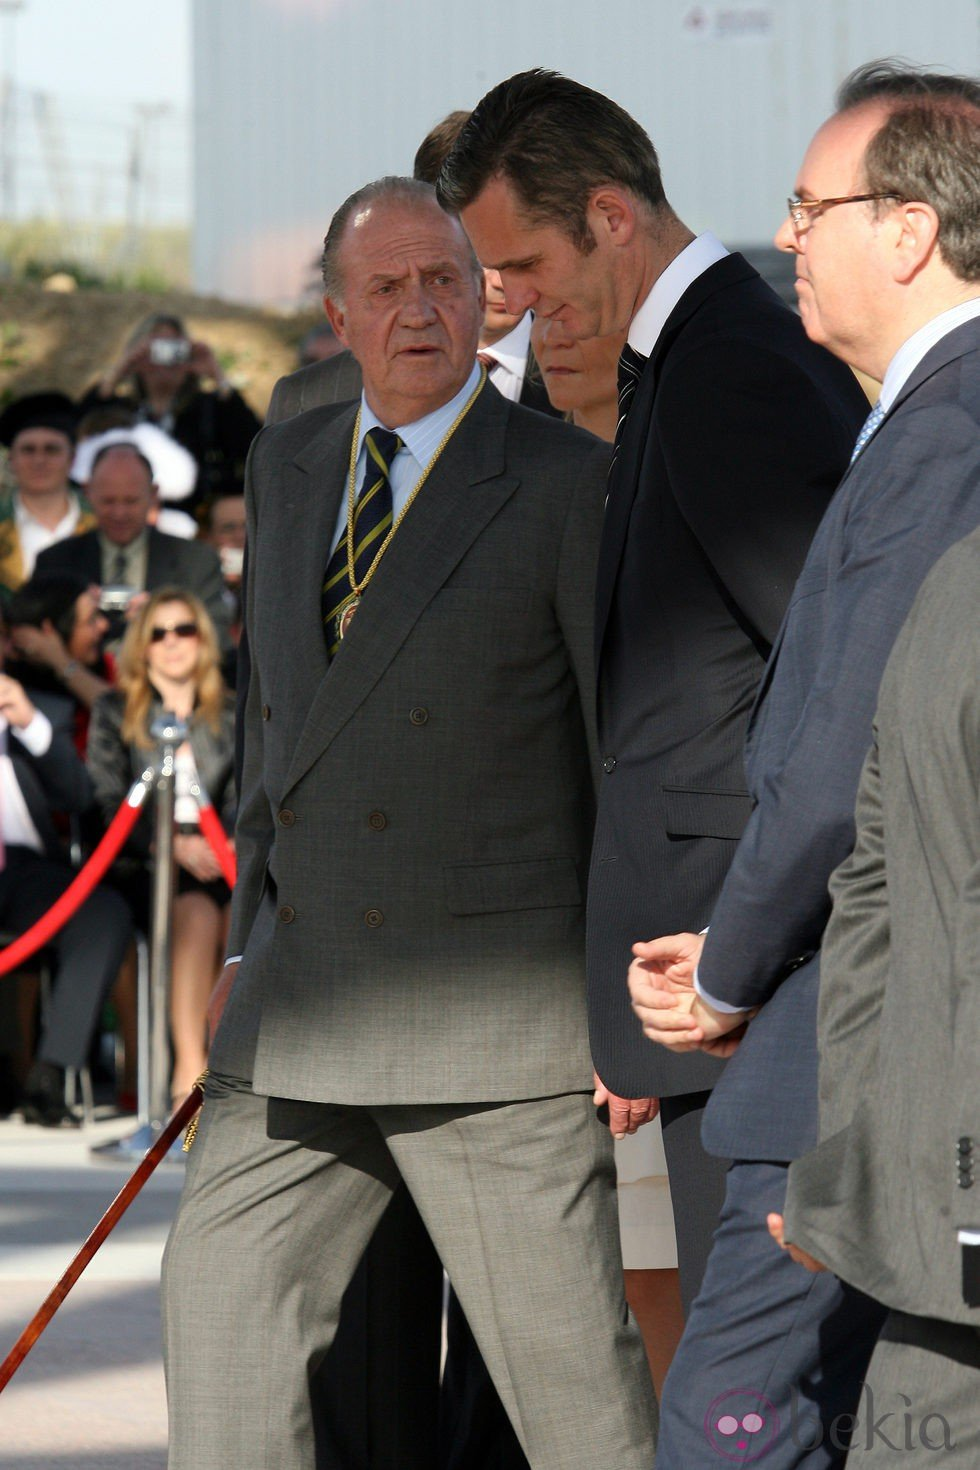 El Rey Juan Carlos hablando con Iñaki Urdangarín en 2008